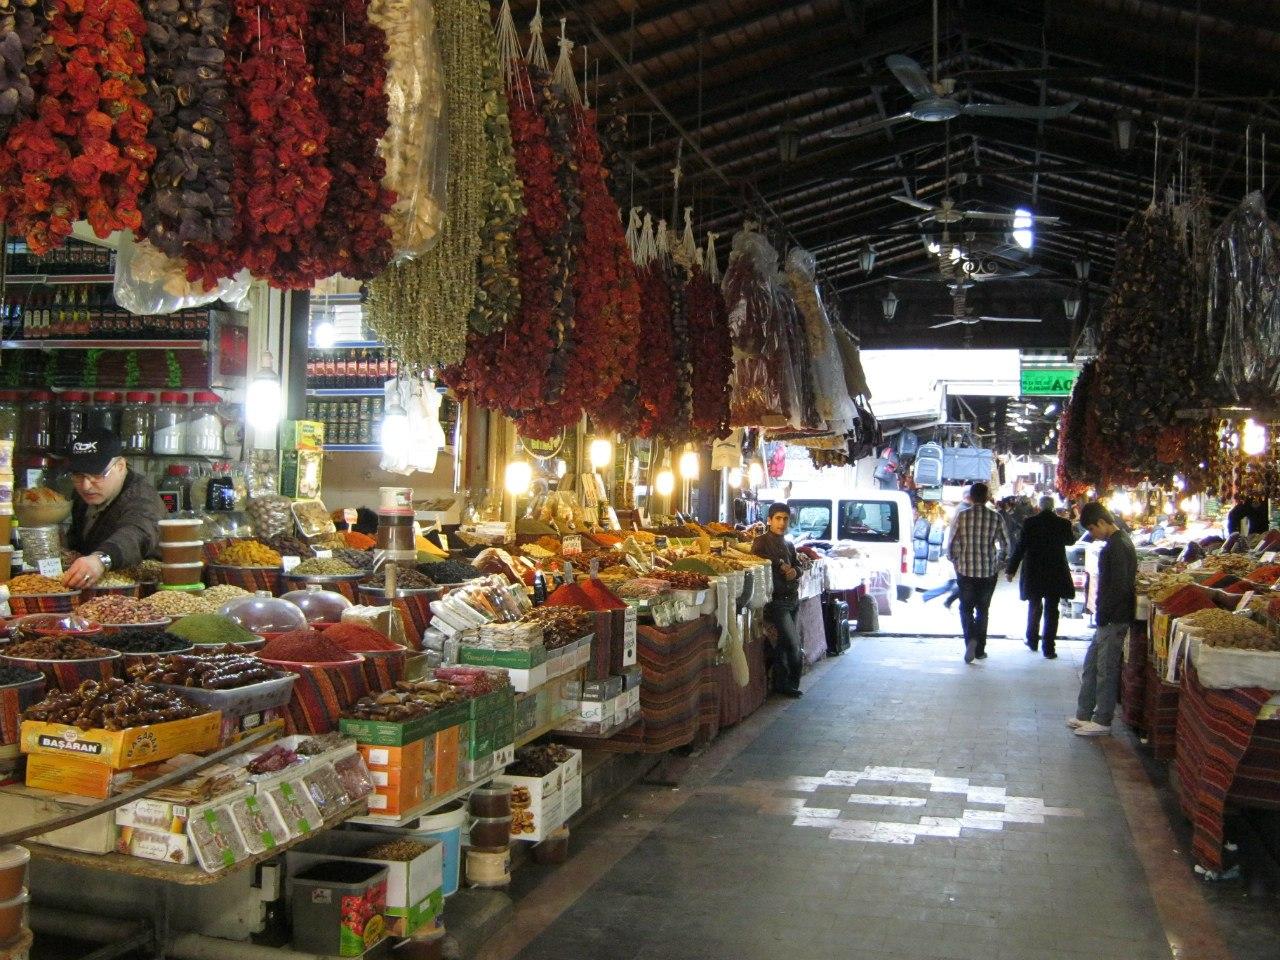 Посещение местного базара как культурное развлечение